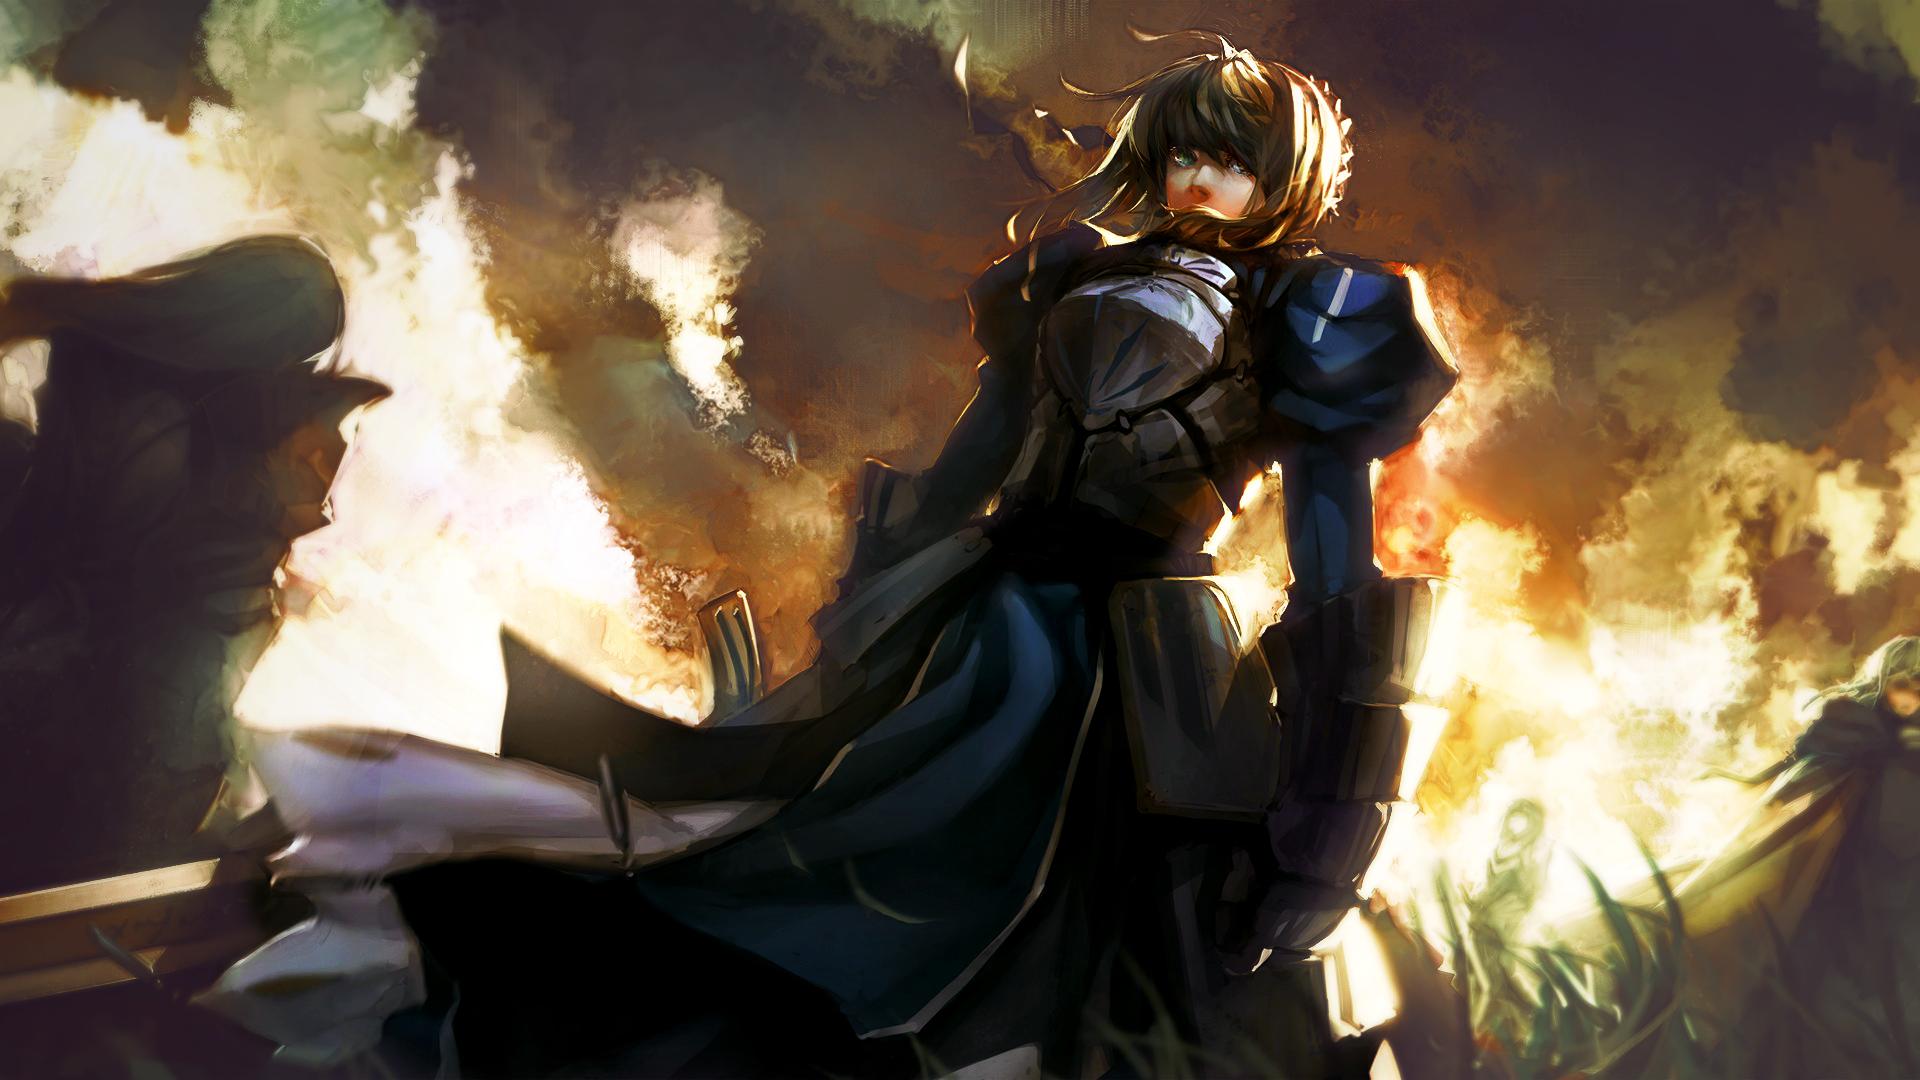 Fate 2006 On Animeartistsalliance Deviantart